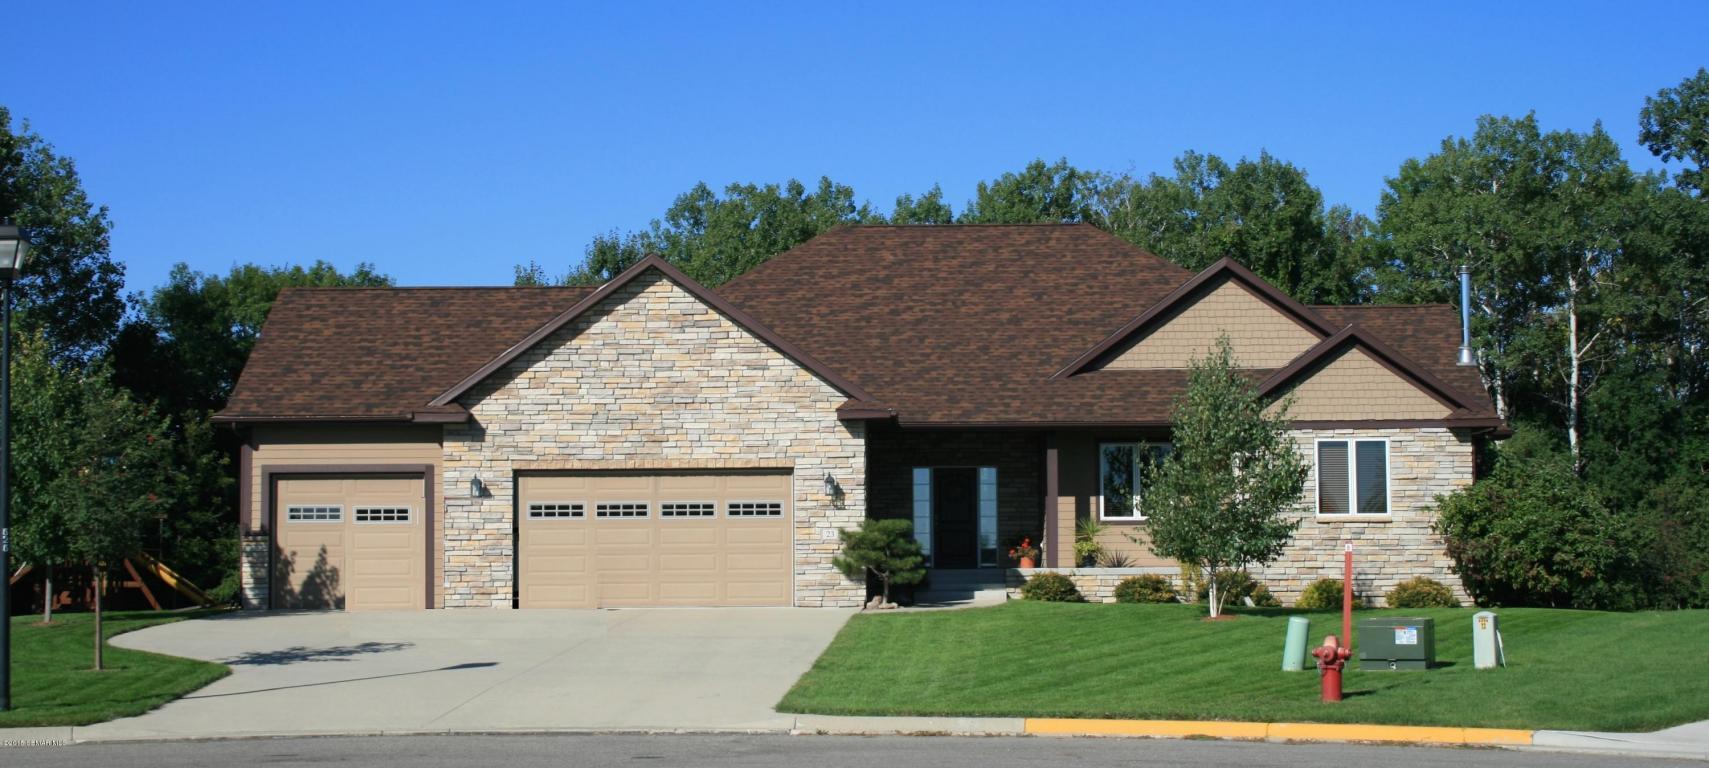 Real Estate for Sale, ListingId: 31716864, North Mankato,MN56003